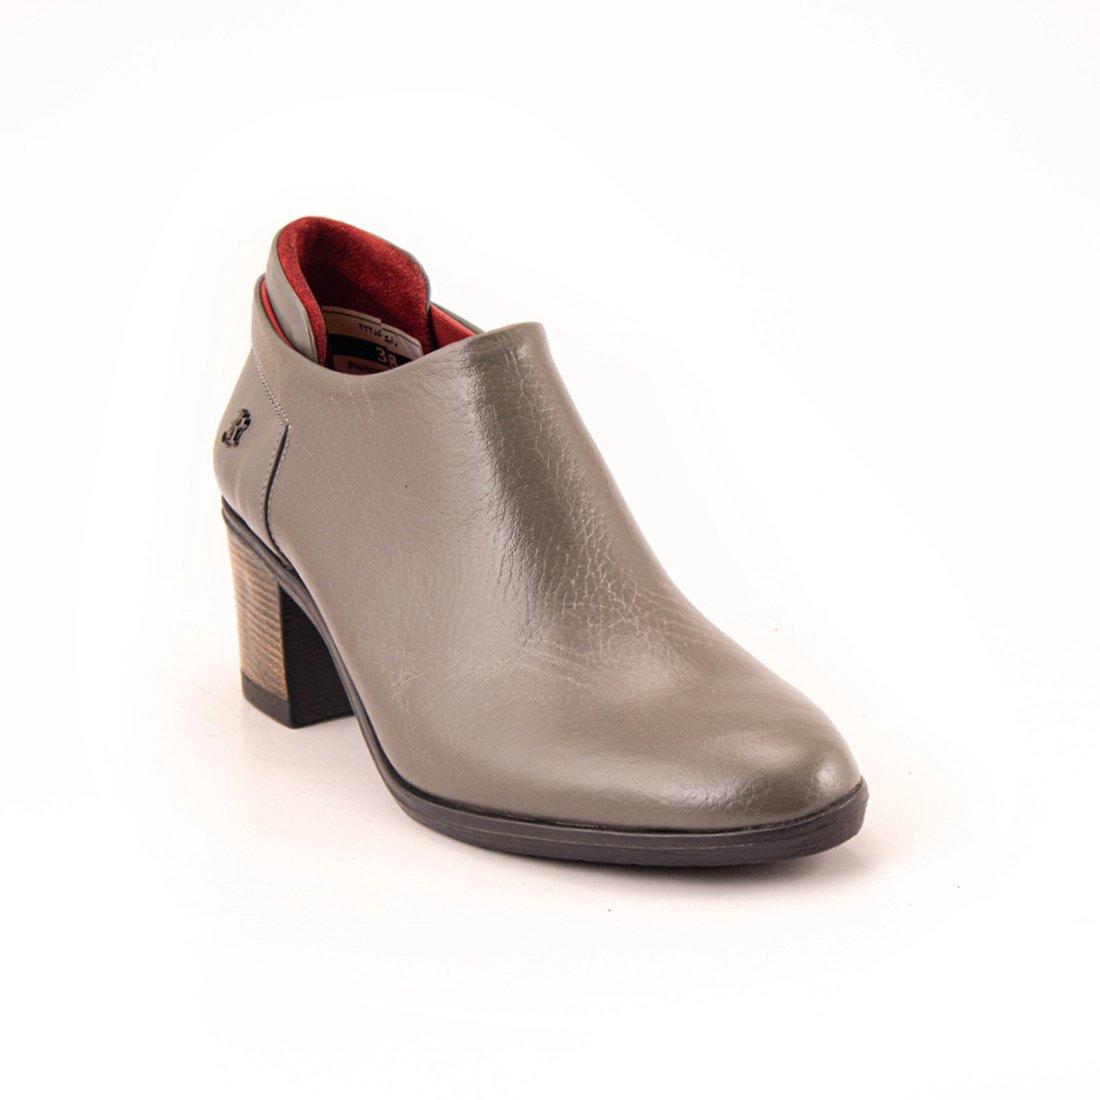 زنانه کفش رایکا کد424